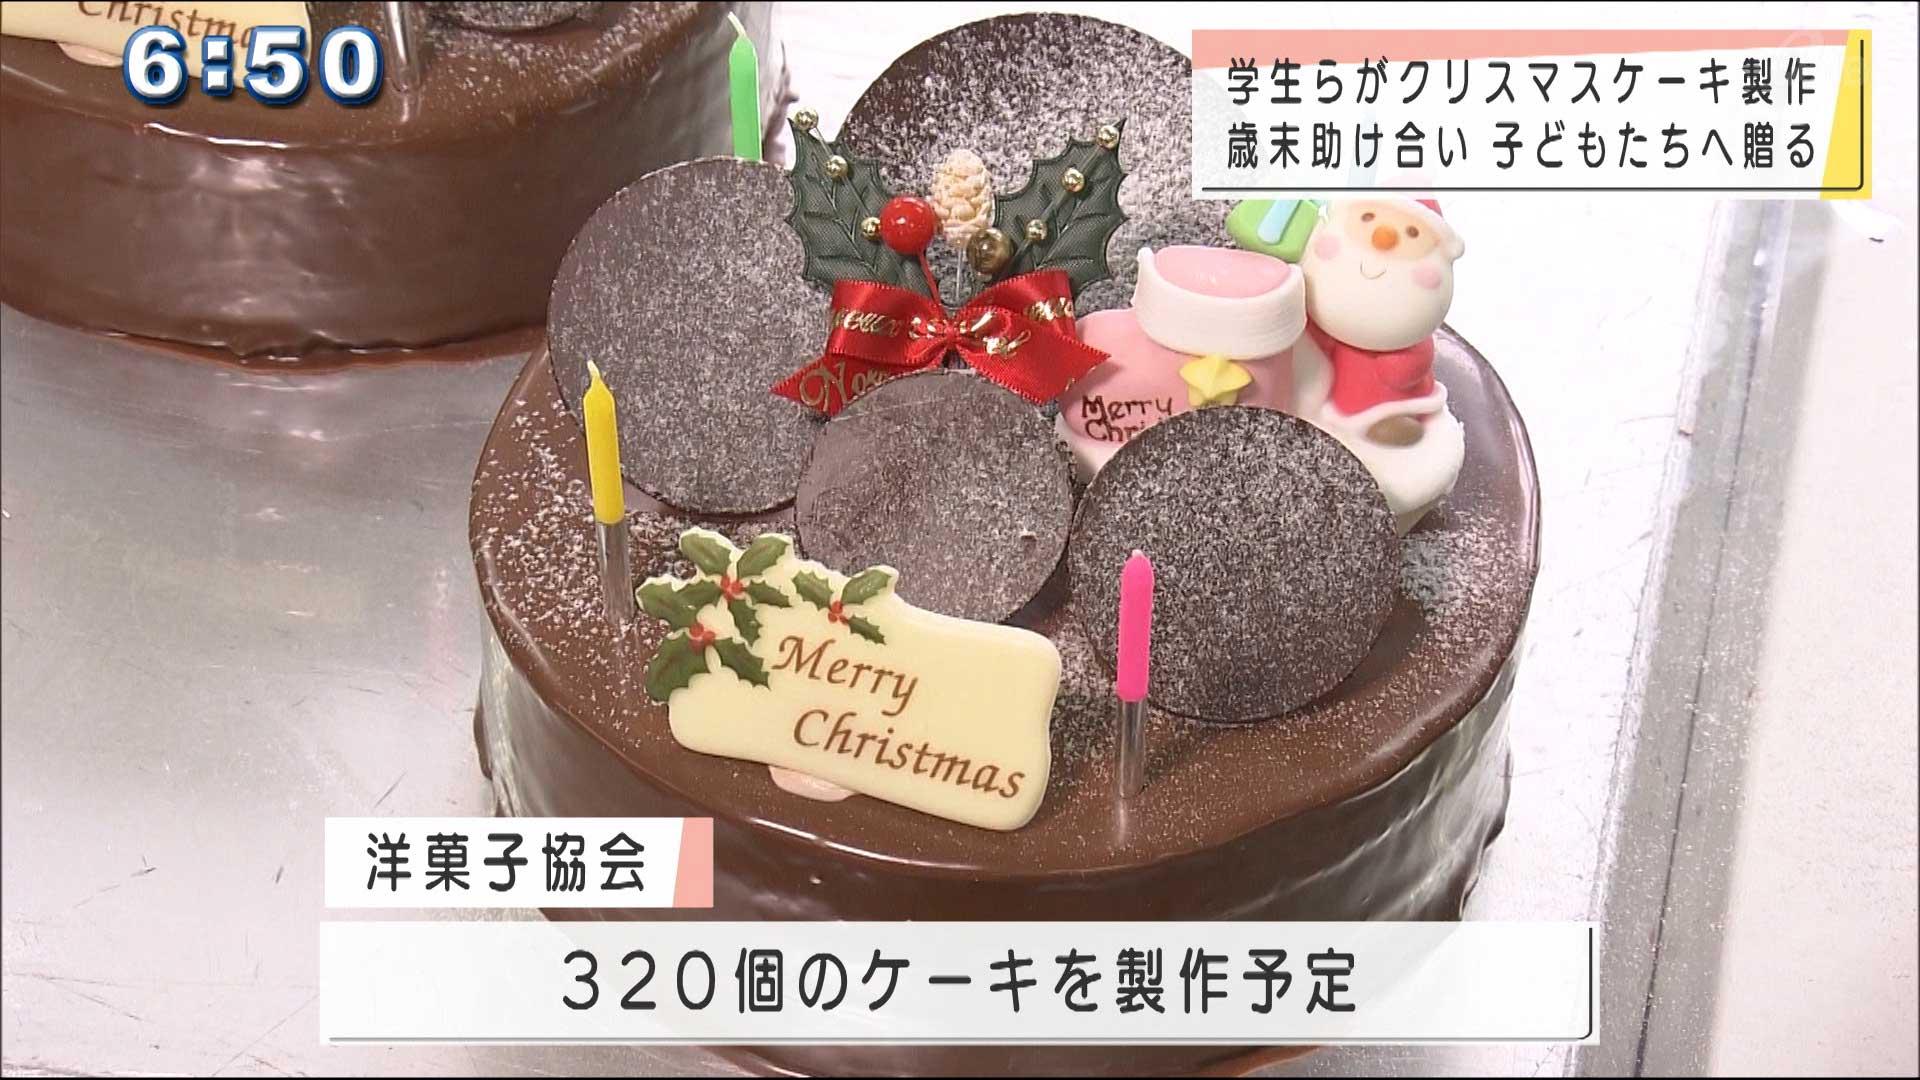 歳末助け合い運動 沖縄の学生がケーキ作り